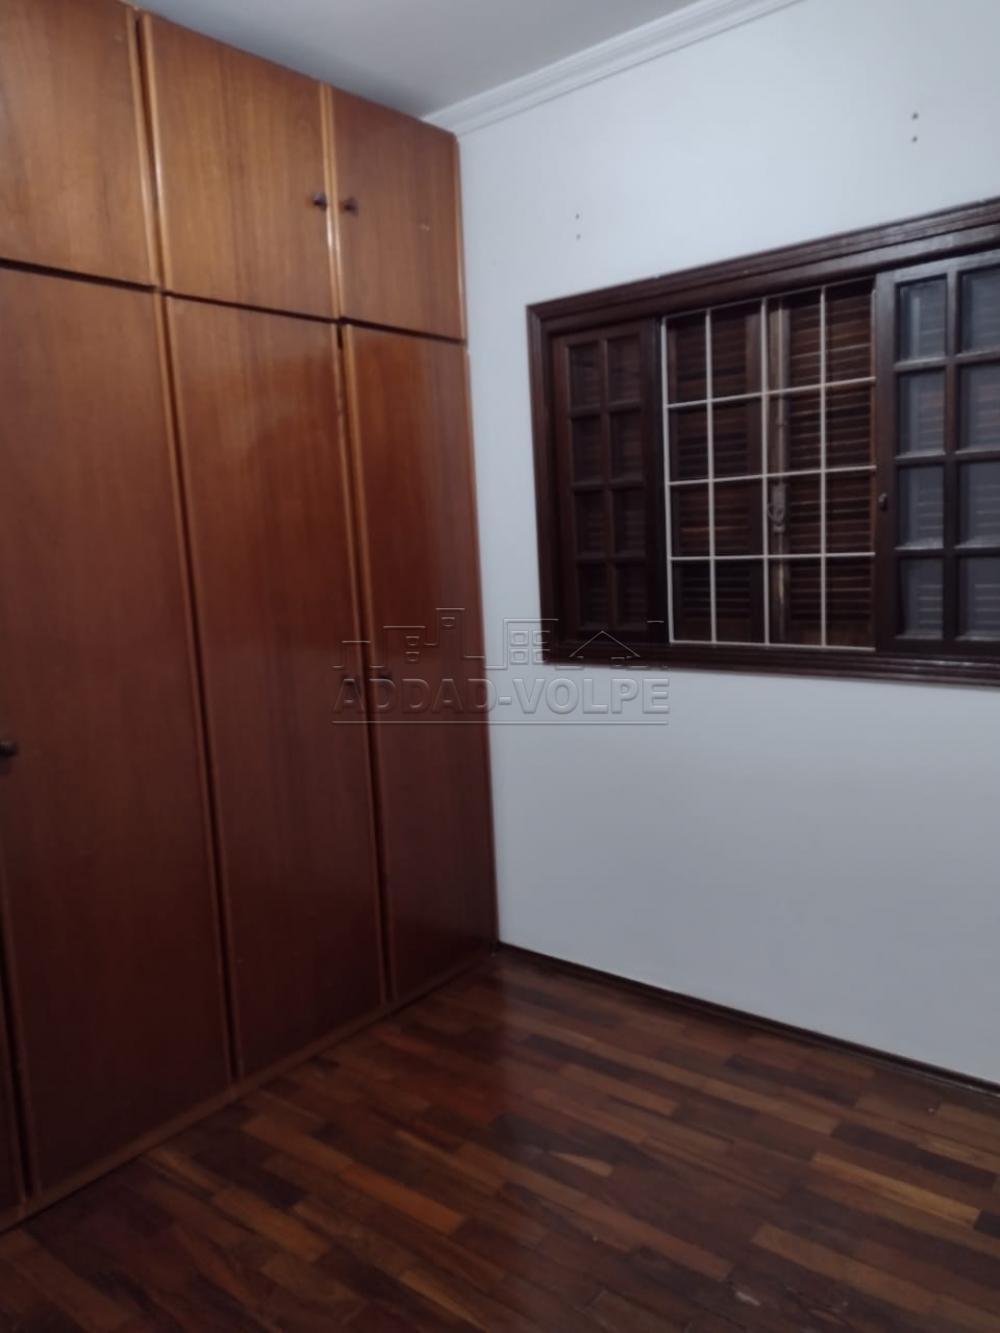 Alugar Casa / Padrão em Bauru R$ 2.000,00 - Foto 11